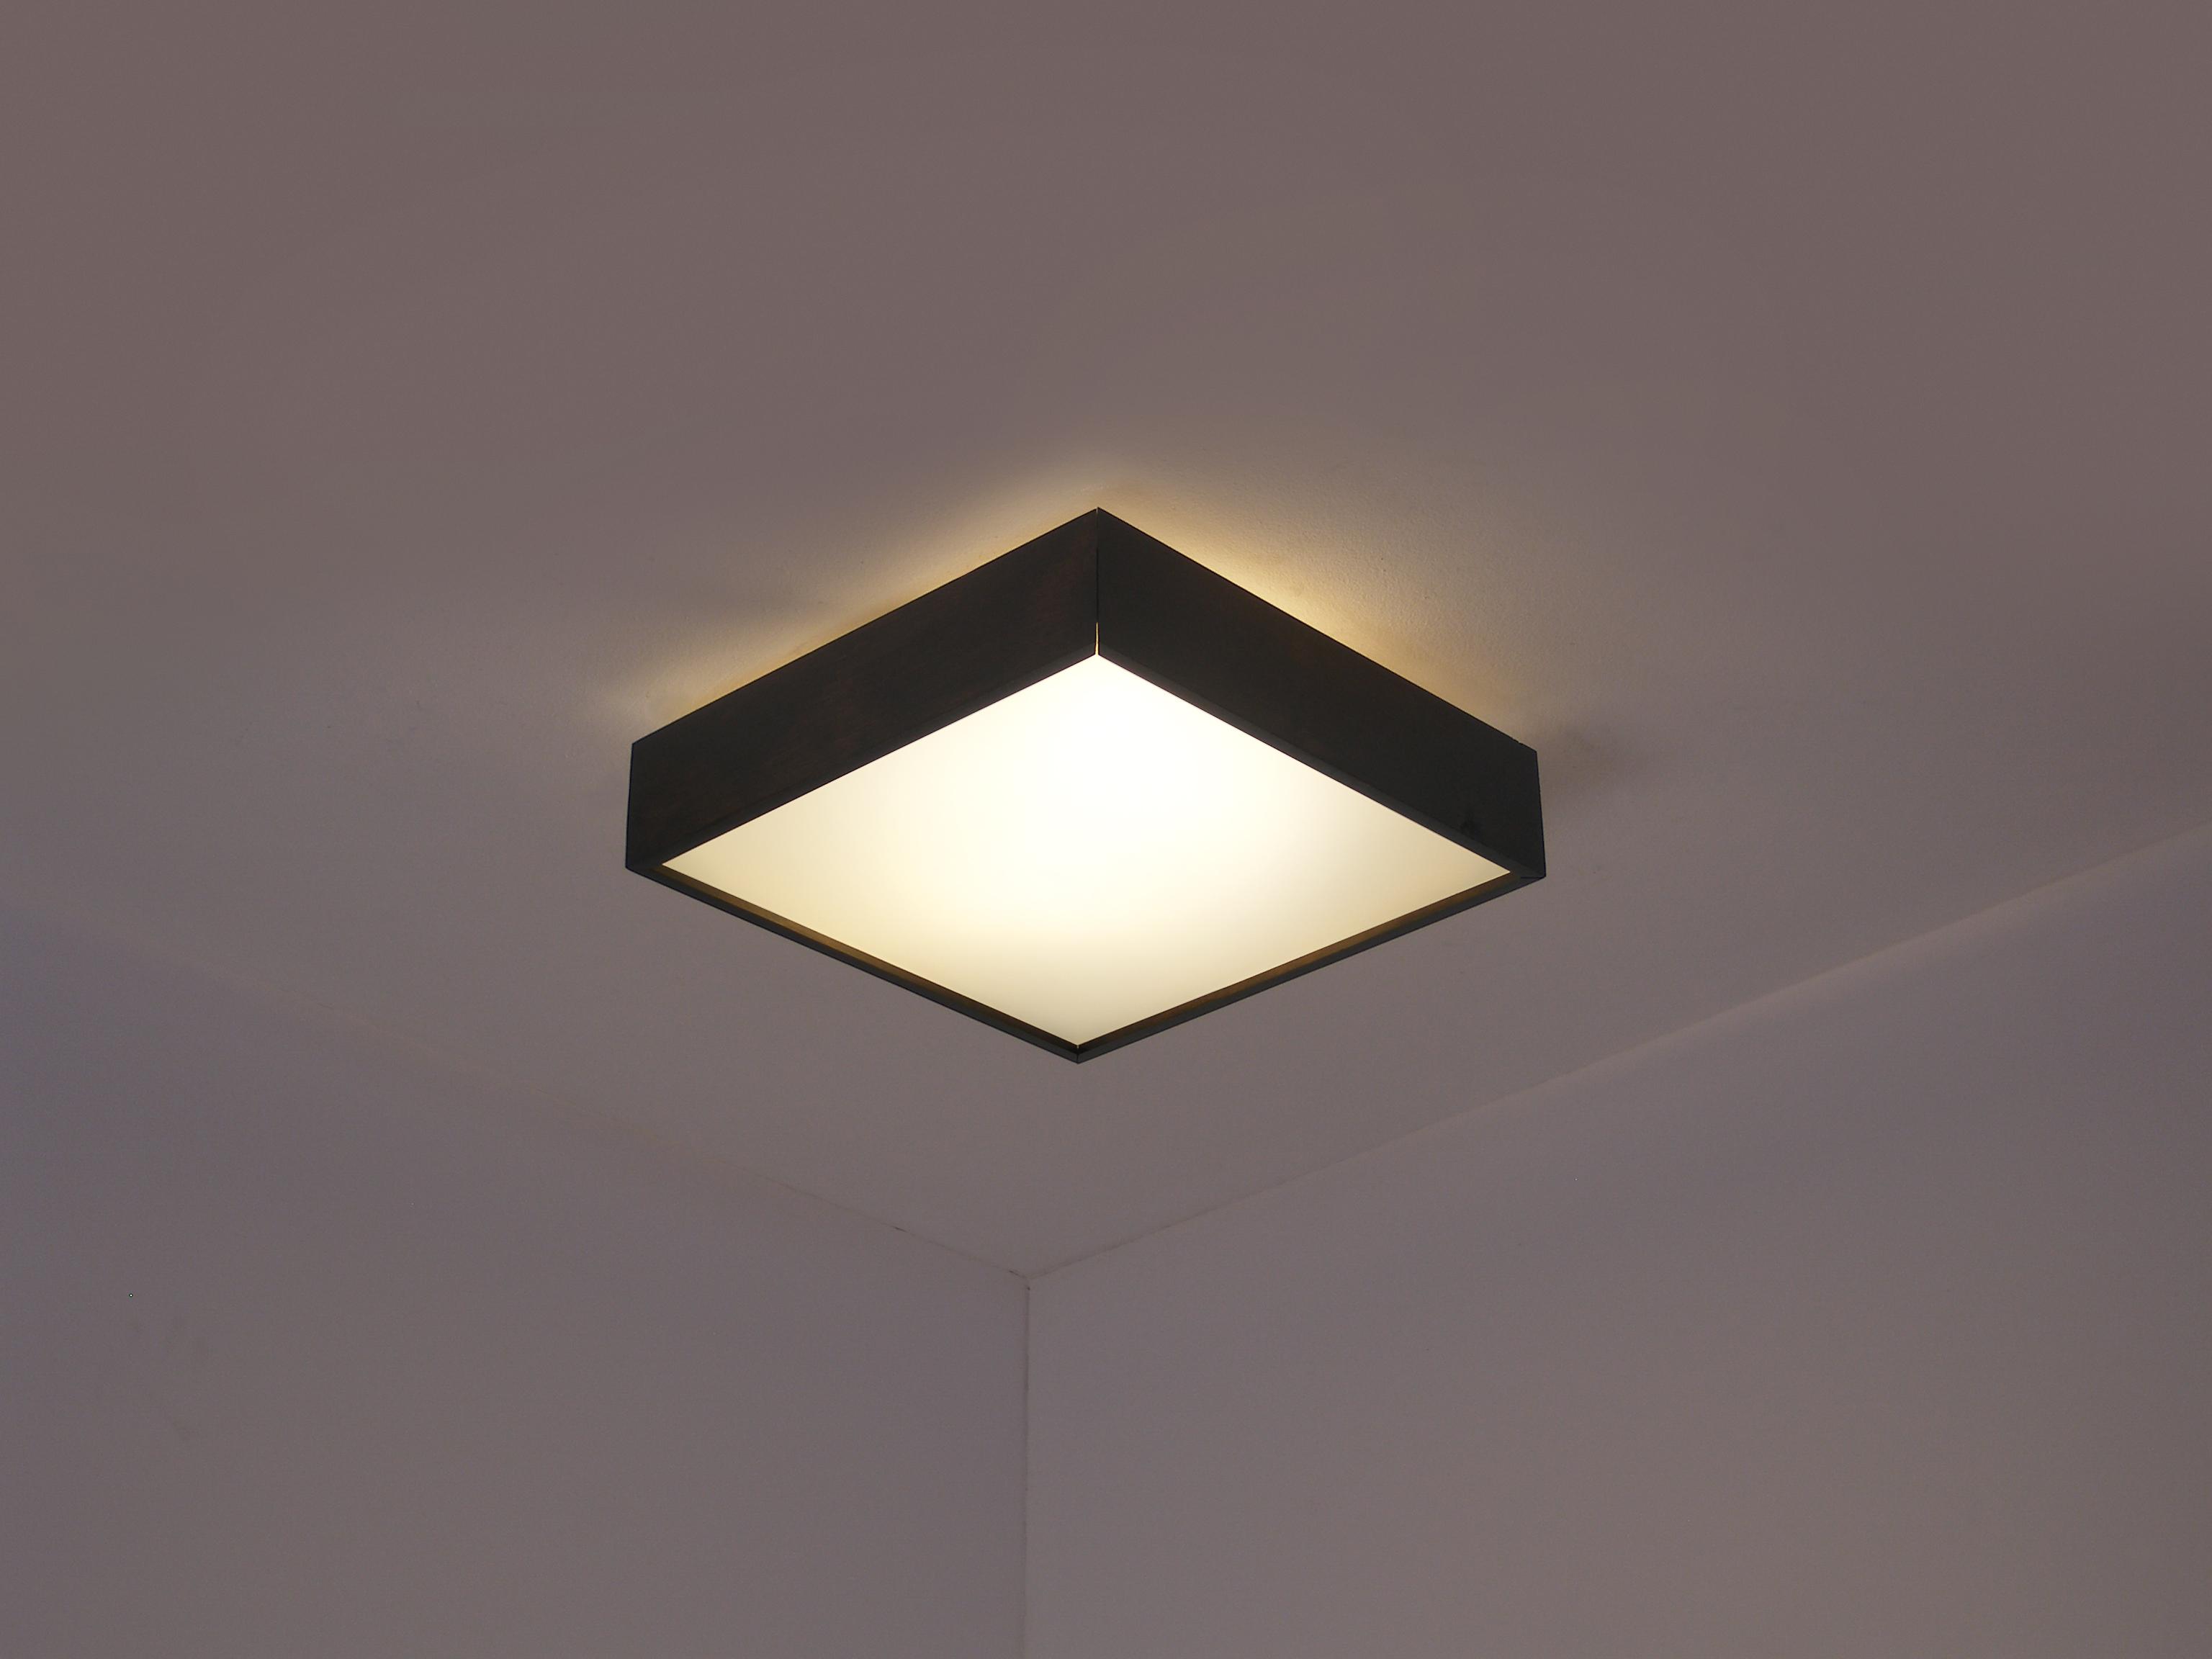 Stilvolle Holz Deckenlampe Alma Dslampen At Lampen Und Leuchten